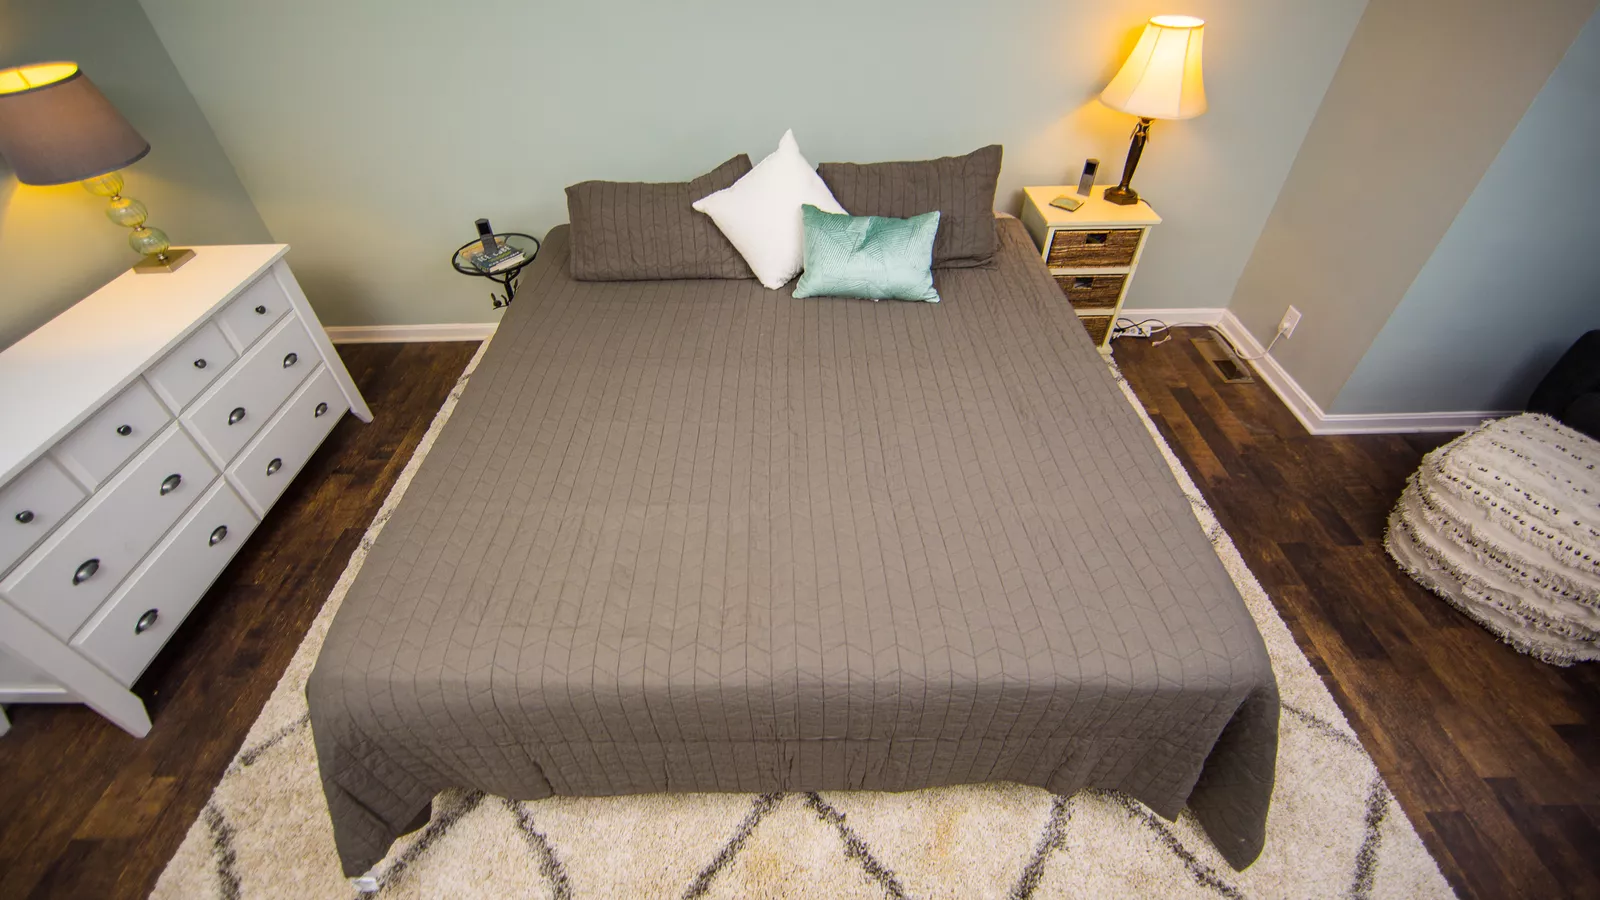 Thiết kế phòng ngủ hiện đại với mẫu giường thoải mái, cao cấp